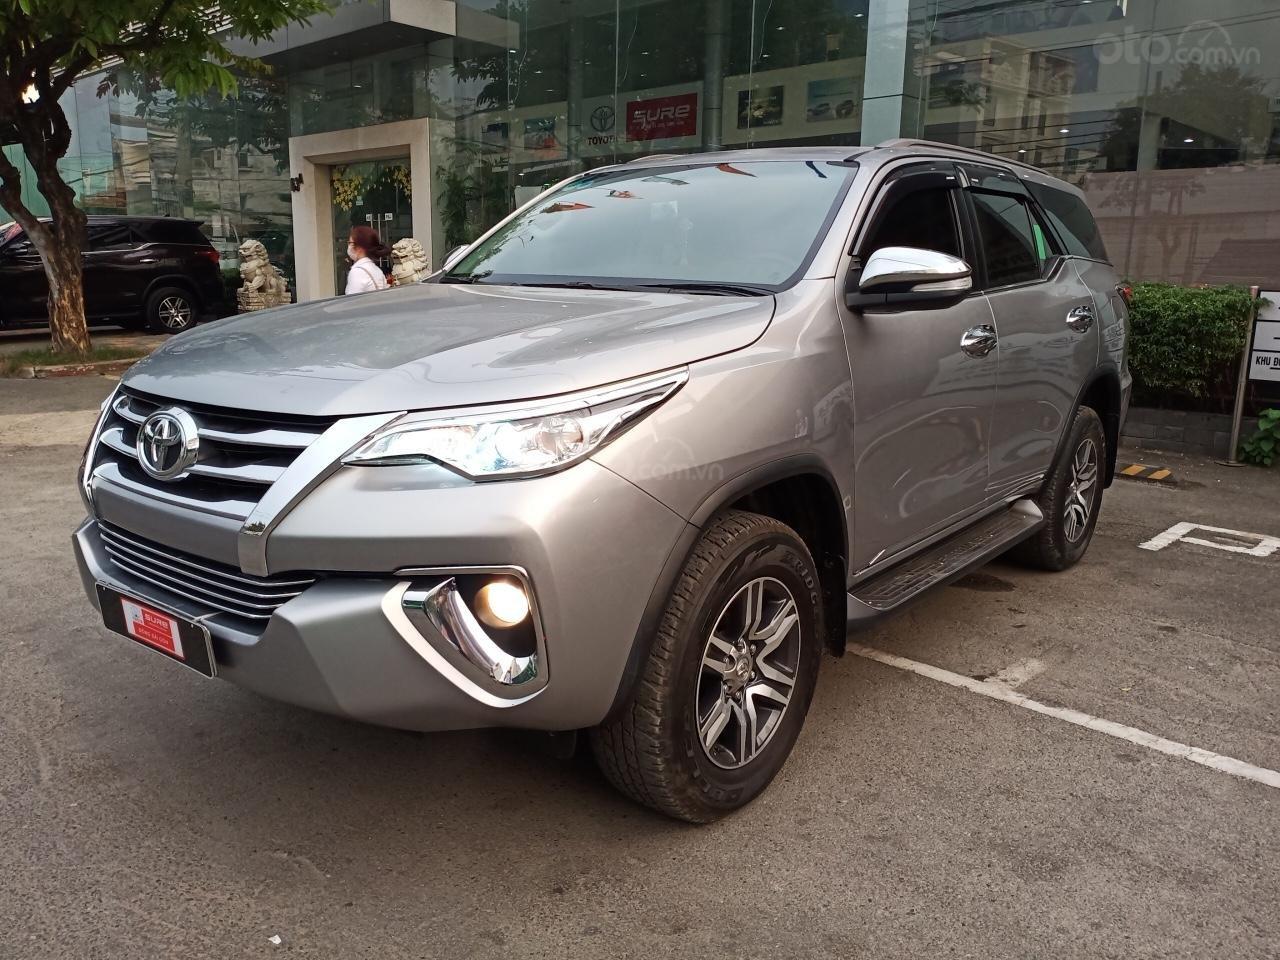 Cần bán lại xe Toyota Fortuner 2.4G 4x2MT năm 2017, giá 900tr (3)